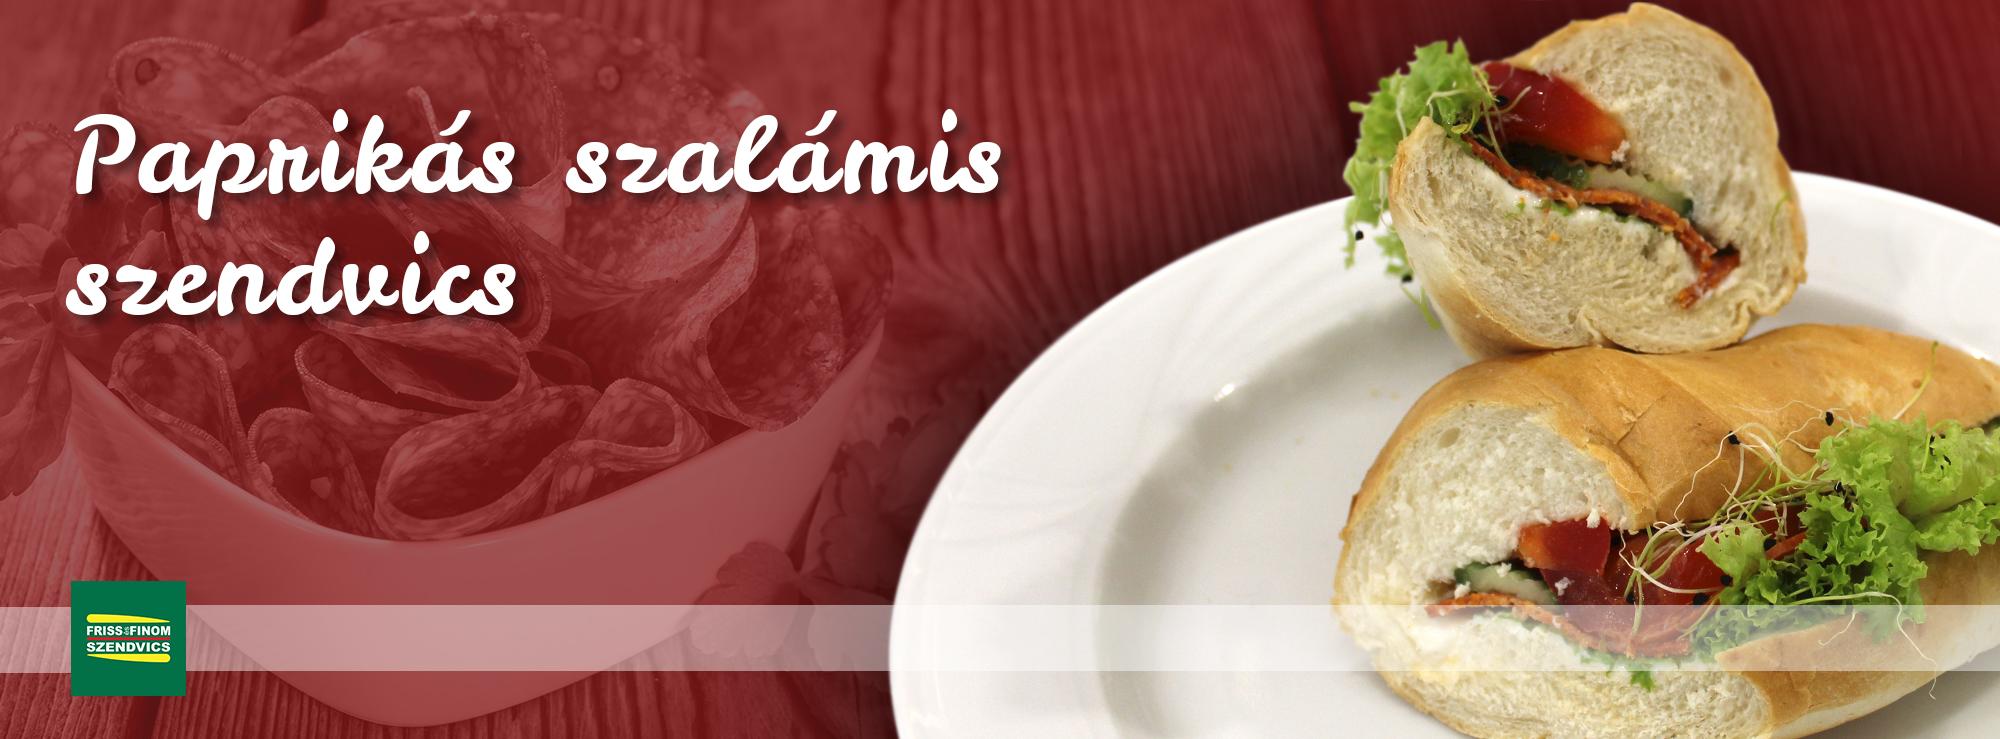 friss-es-finom-paprikas-szalamis